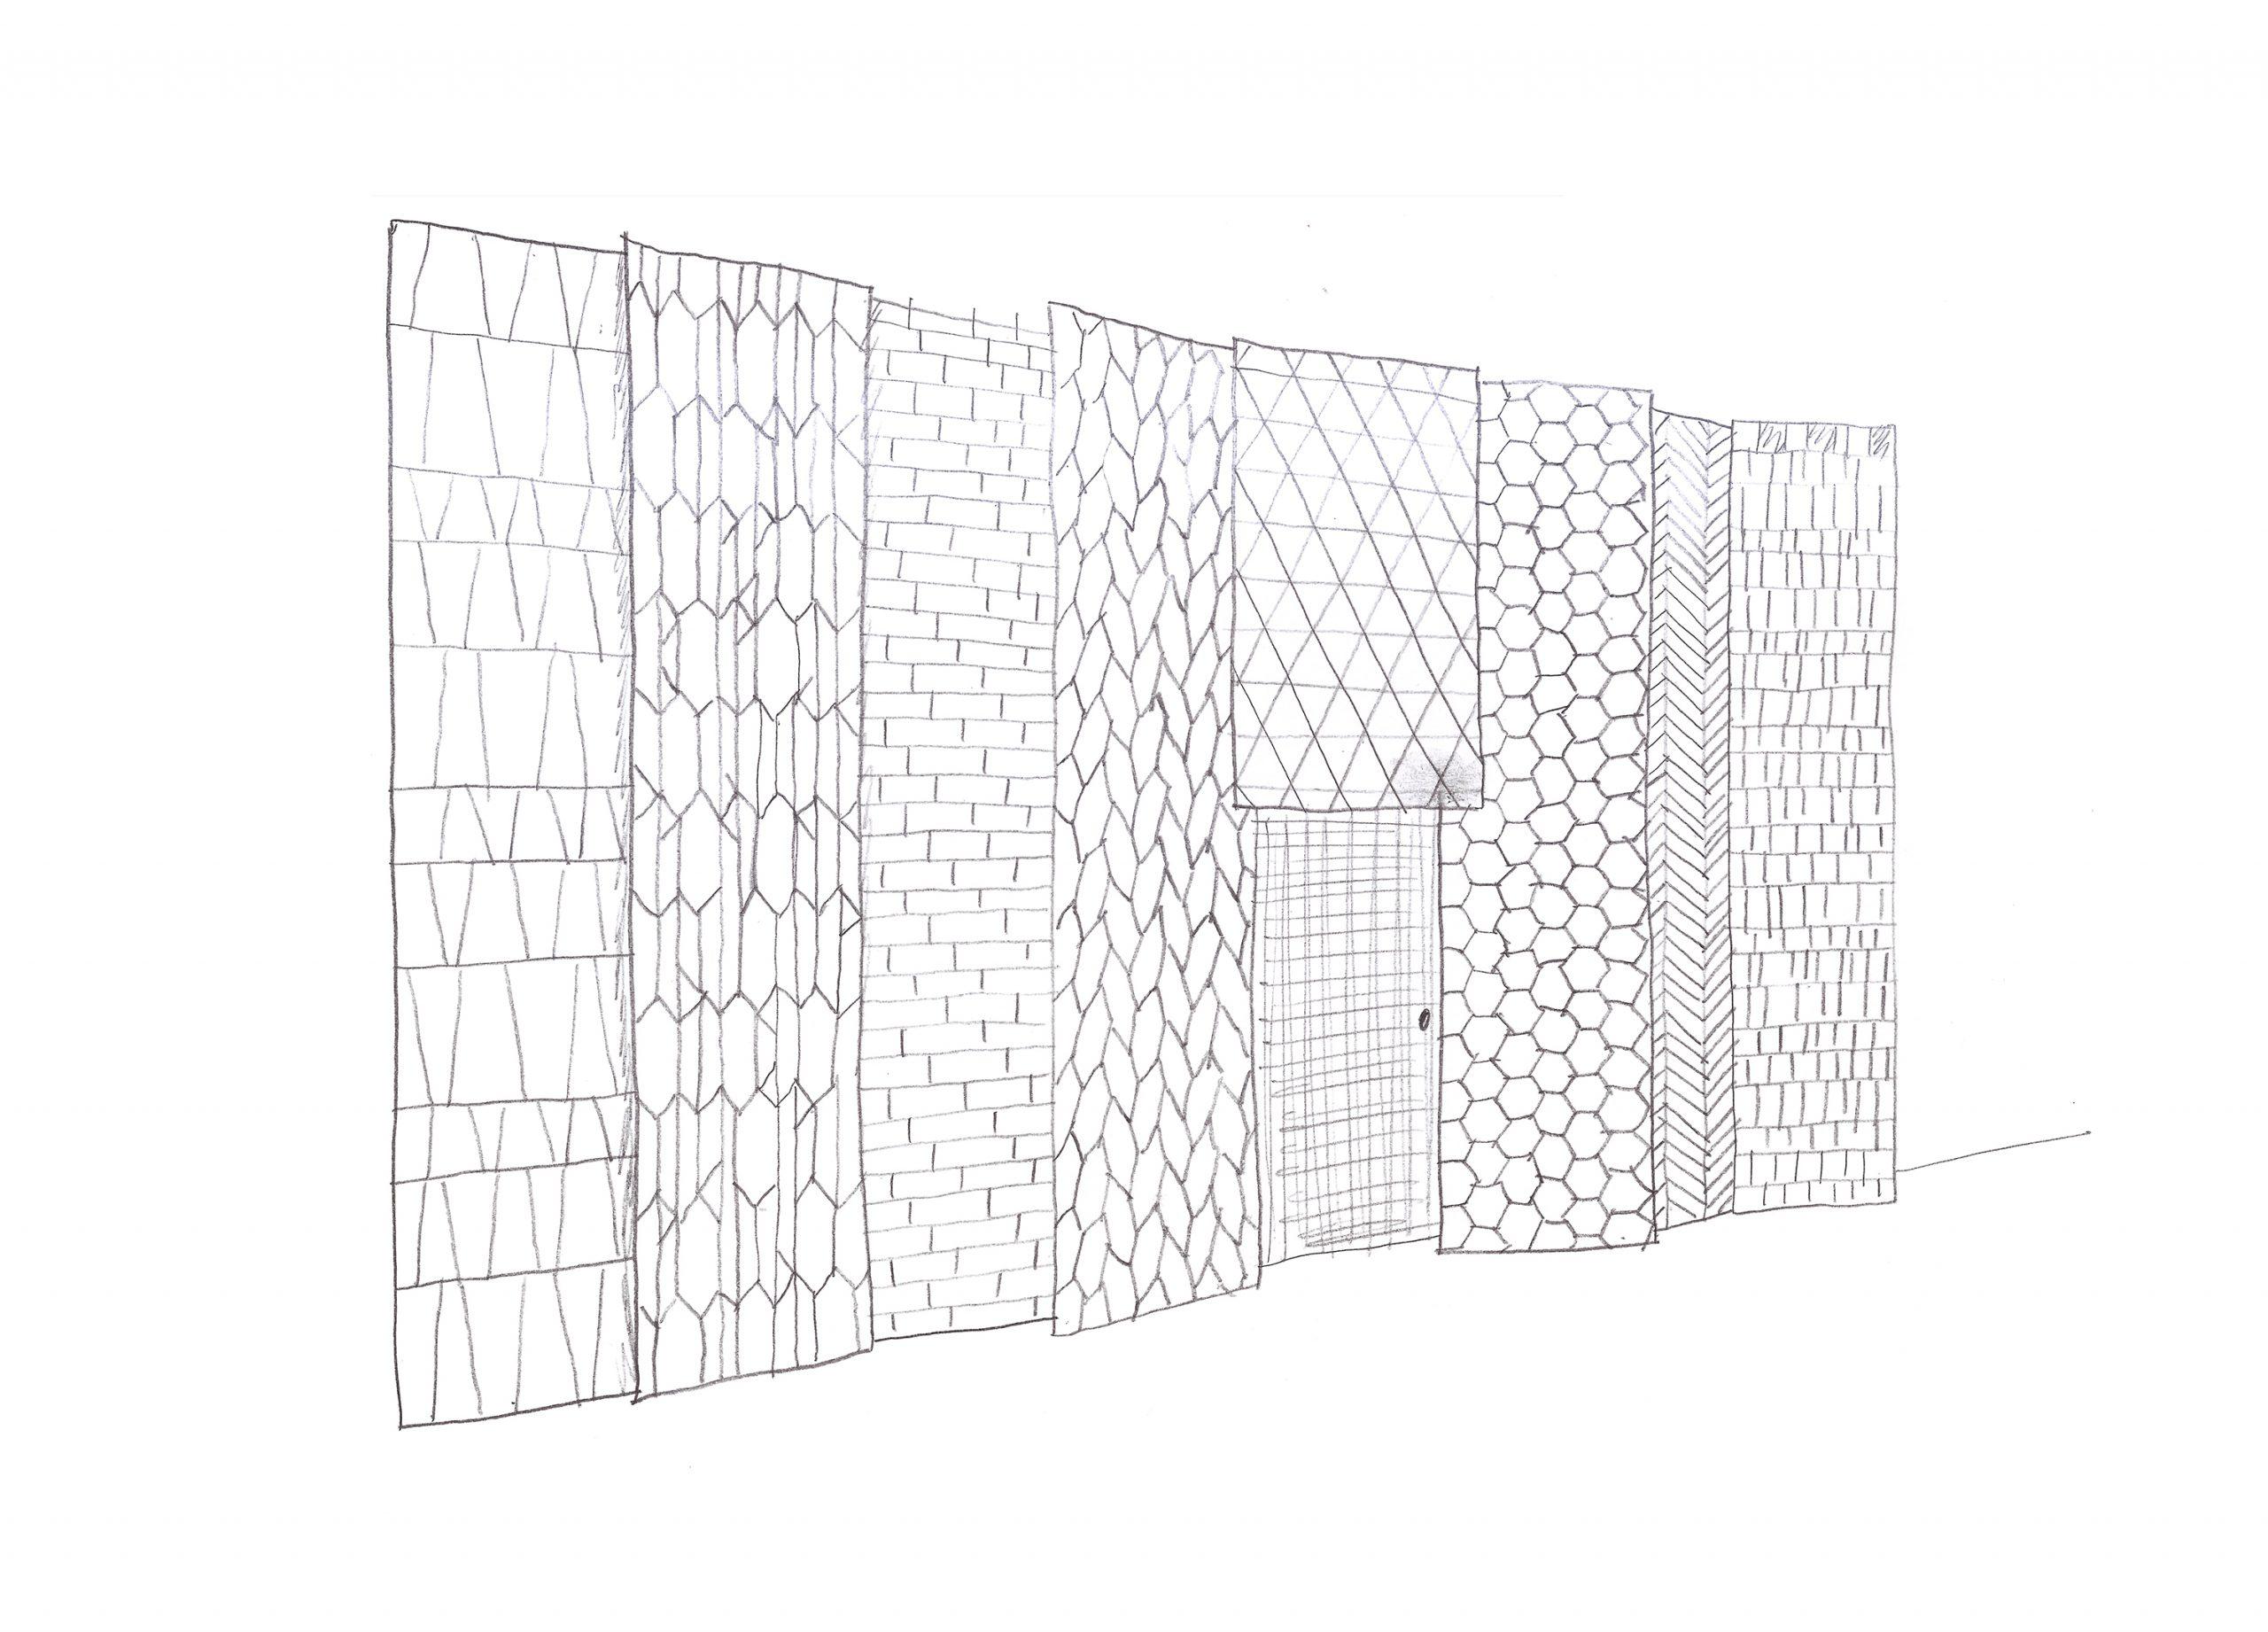 Tile wall sketch in the Showroom Interior Design by Debiasi Sandri for Grassi Pietre